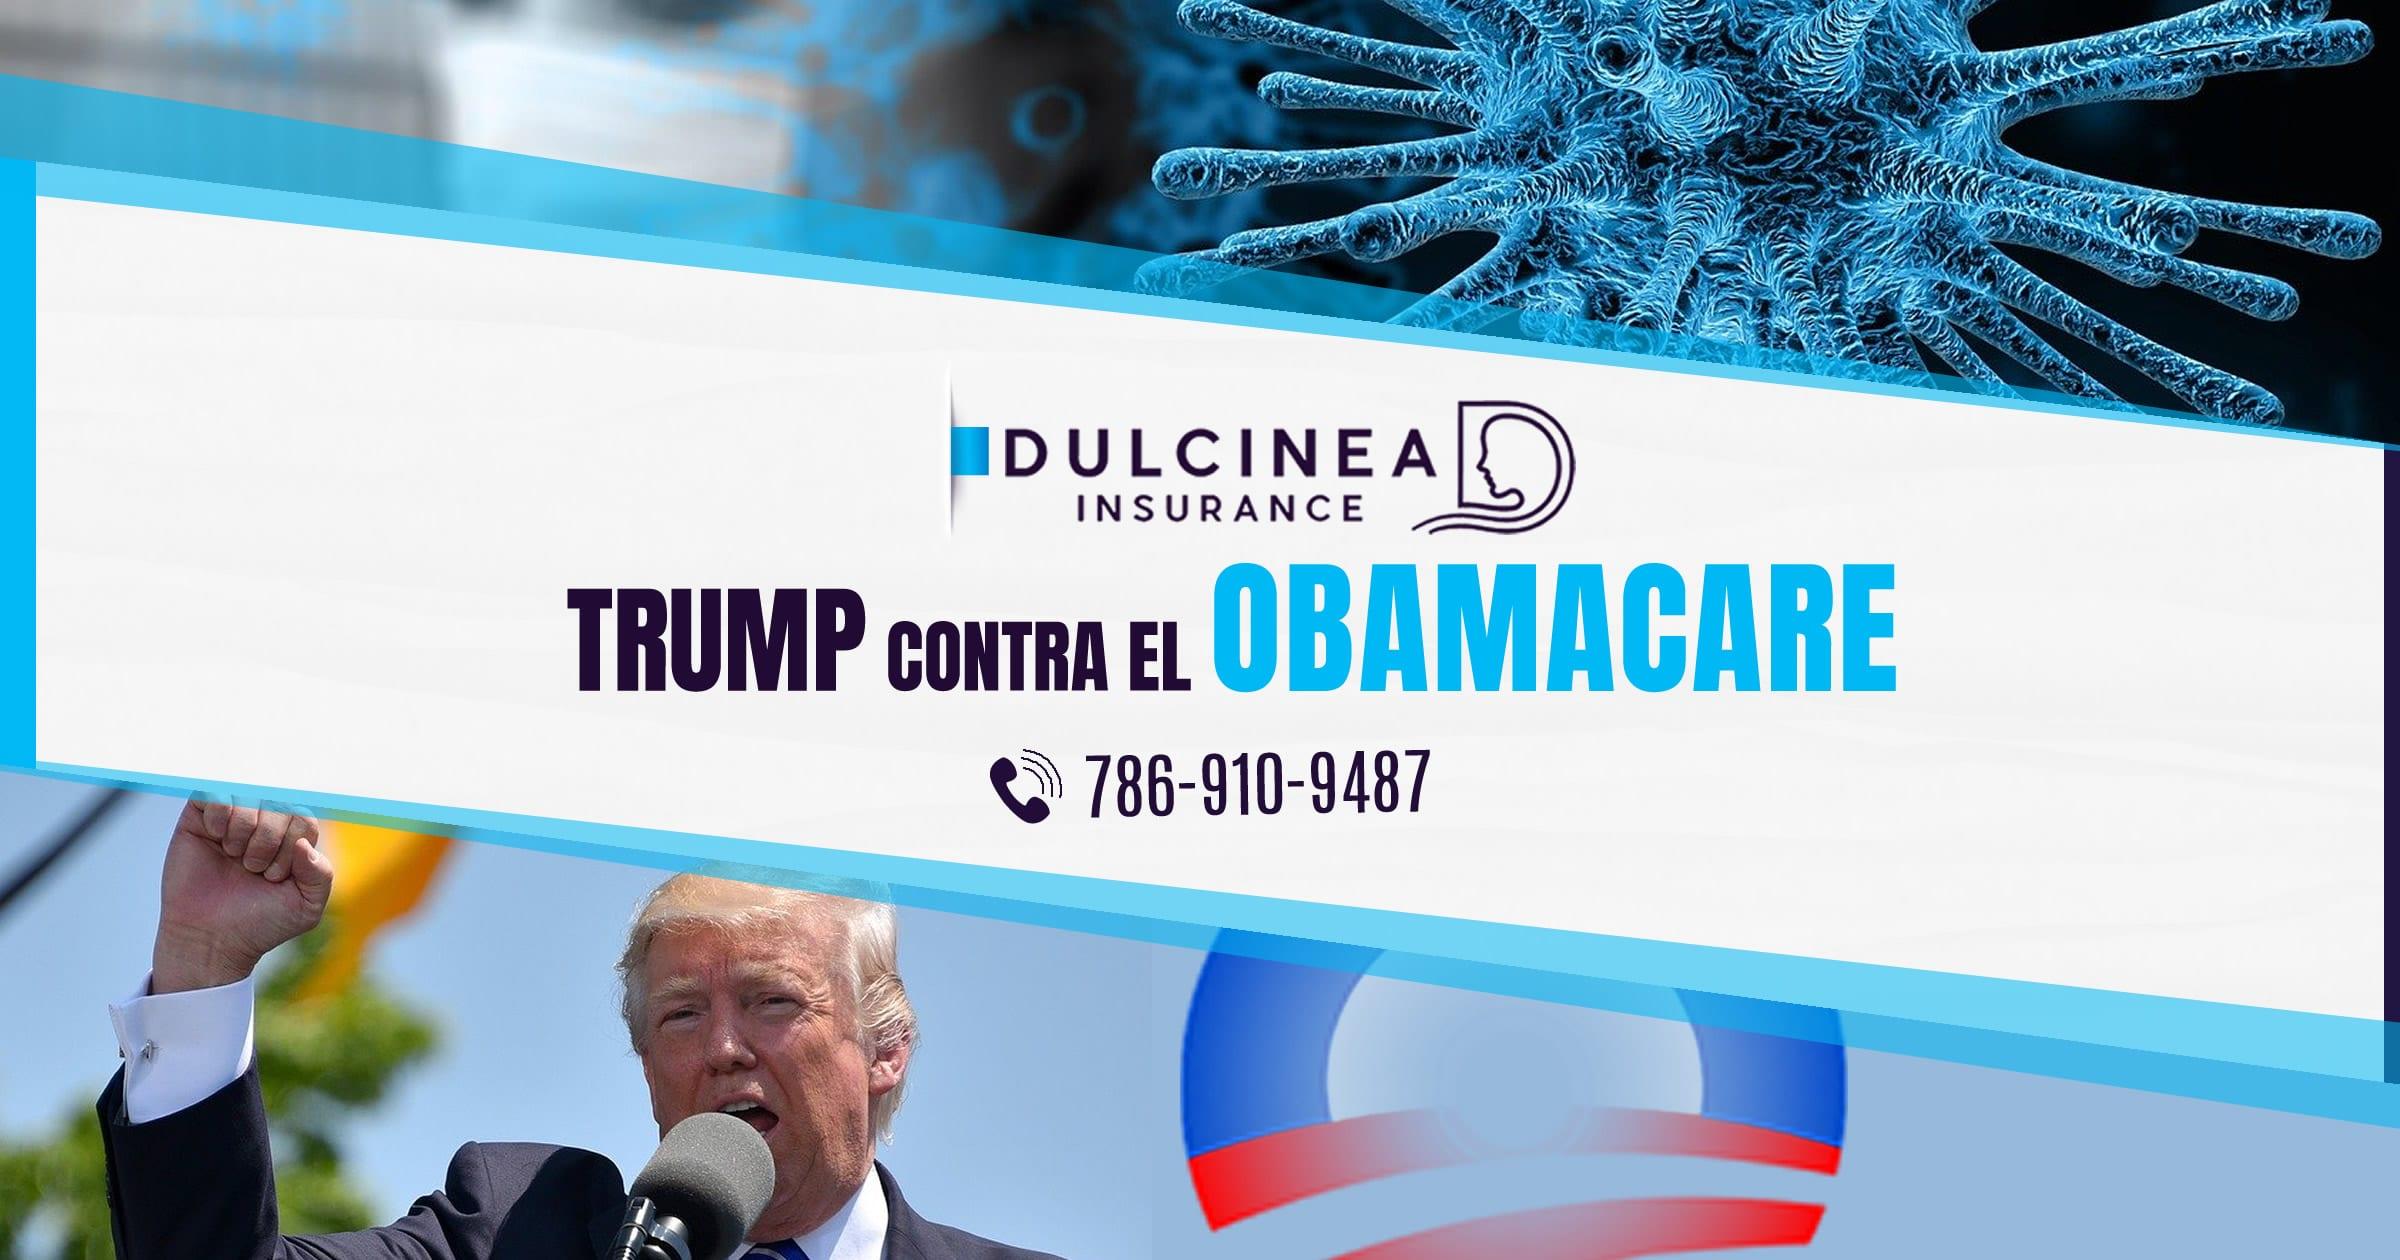 trump contra el obamacare en medio de la pandemia covid-19